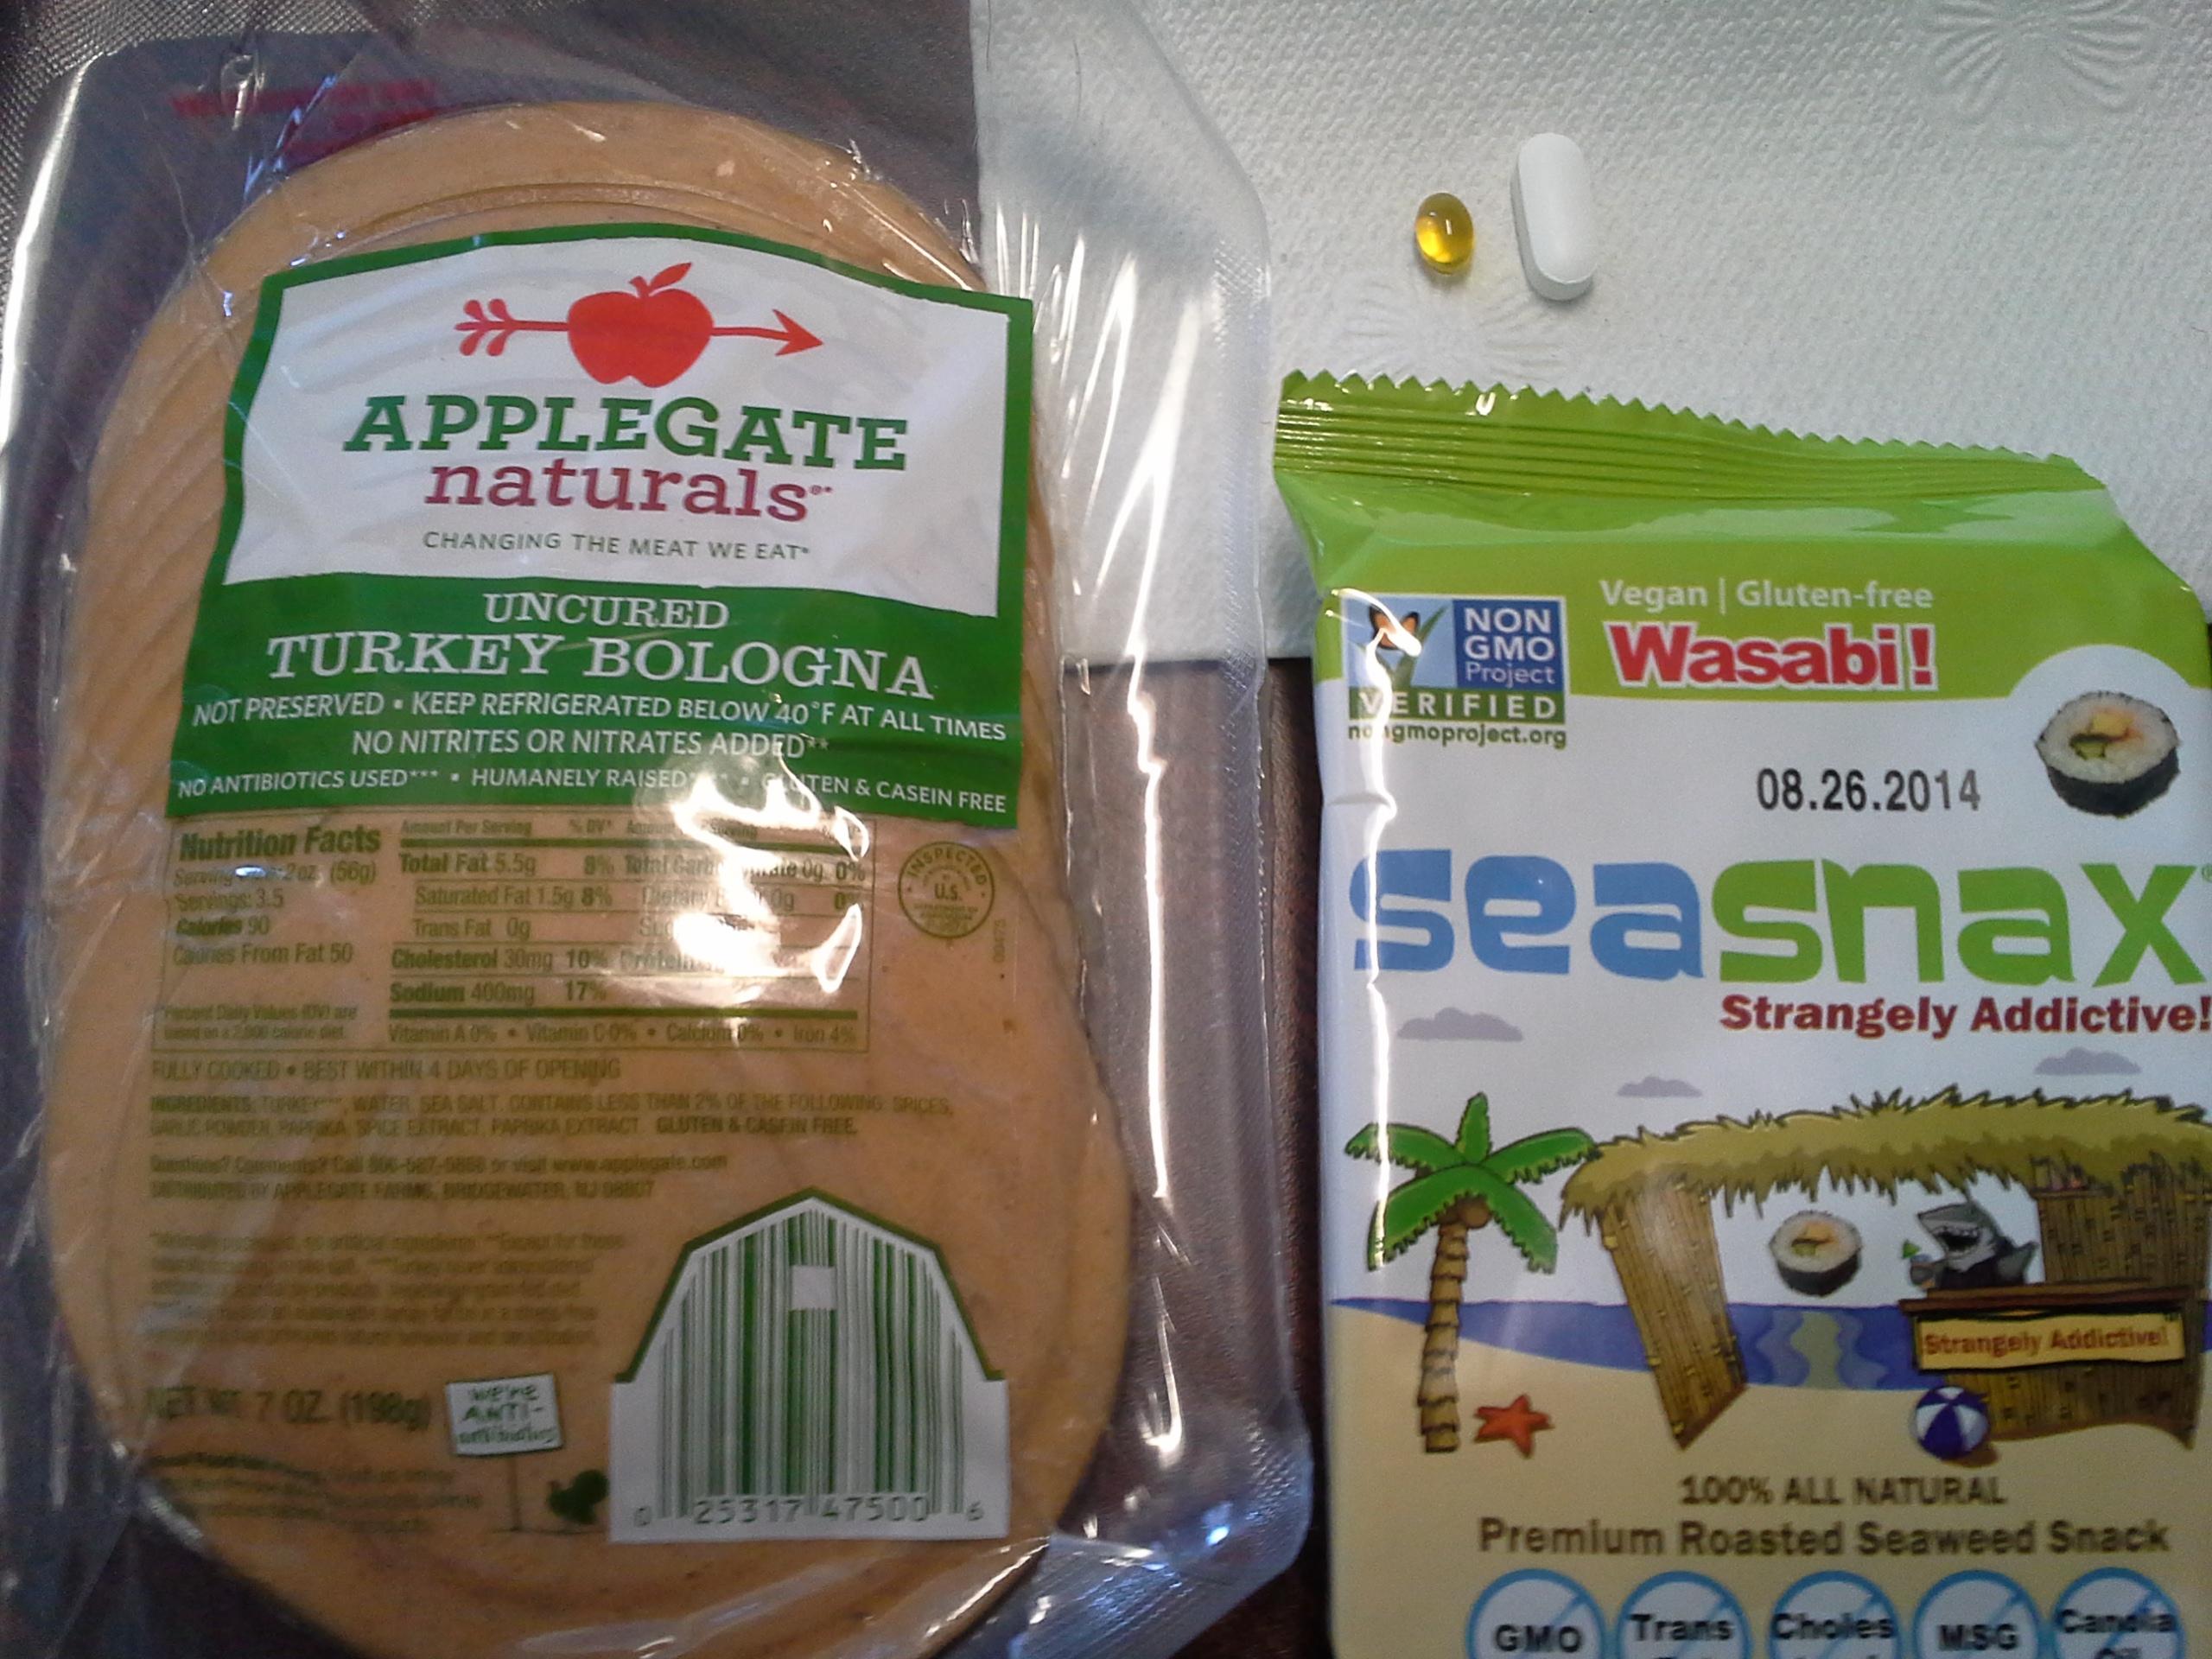 Lunch: 2:45 p.m. | 7 oz. turkey bologna, .18 oz. wasabi SeaSnax seaweed, 5,000 IU Vitamin D capsule, Calcium/Magnesium/Zinc caplet